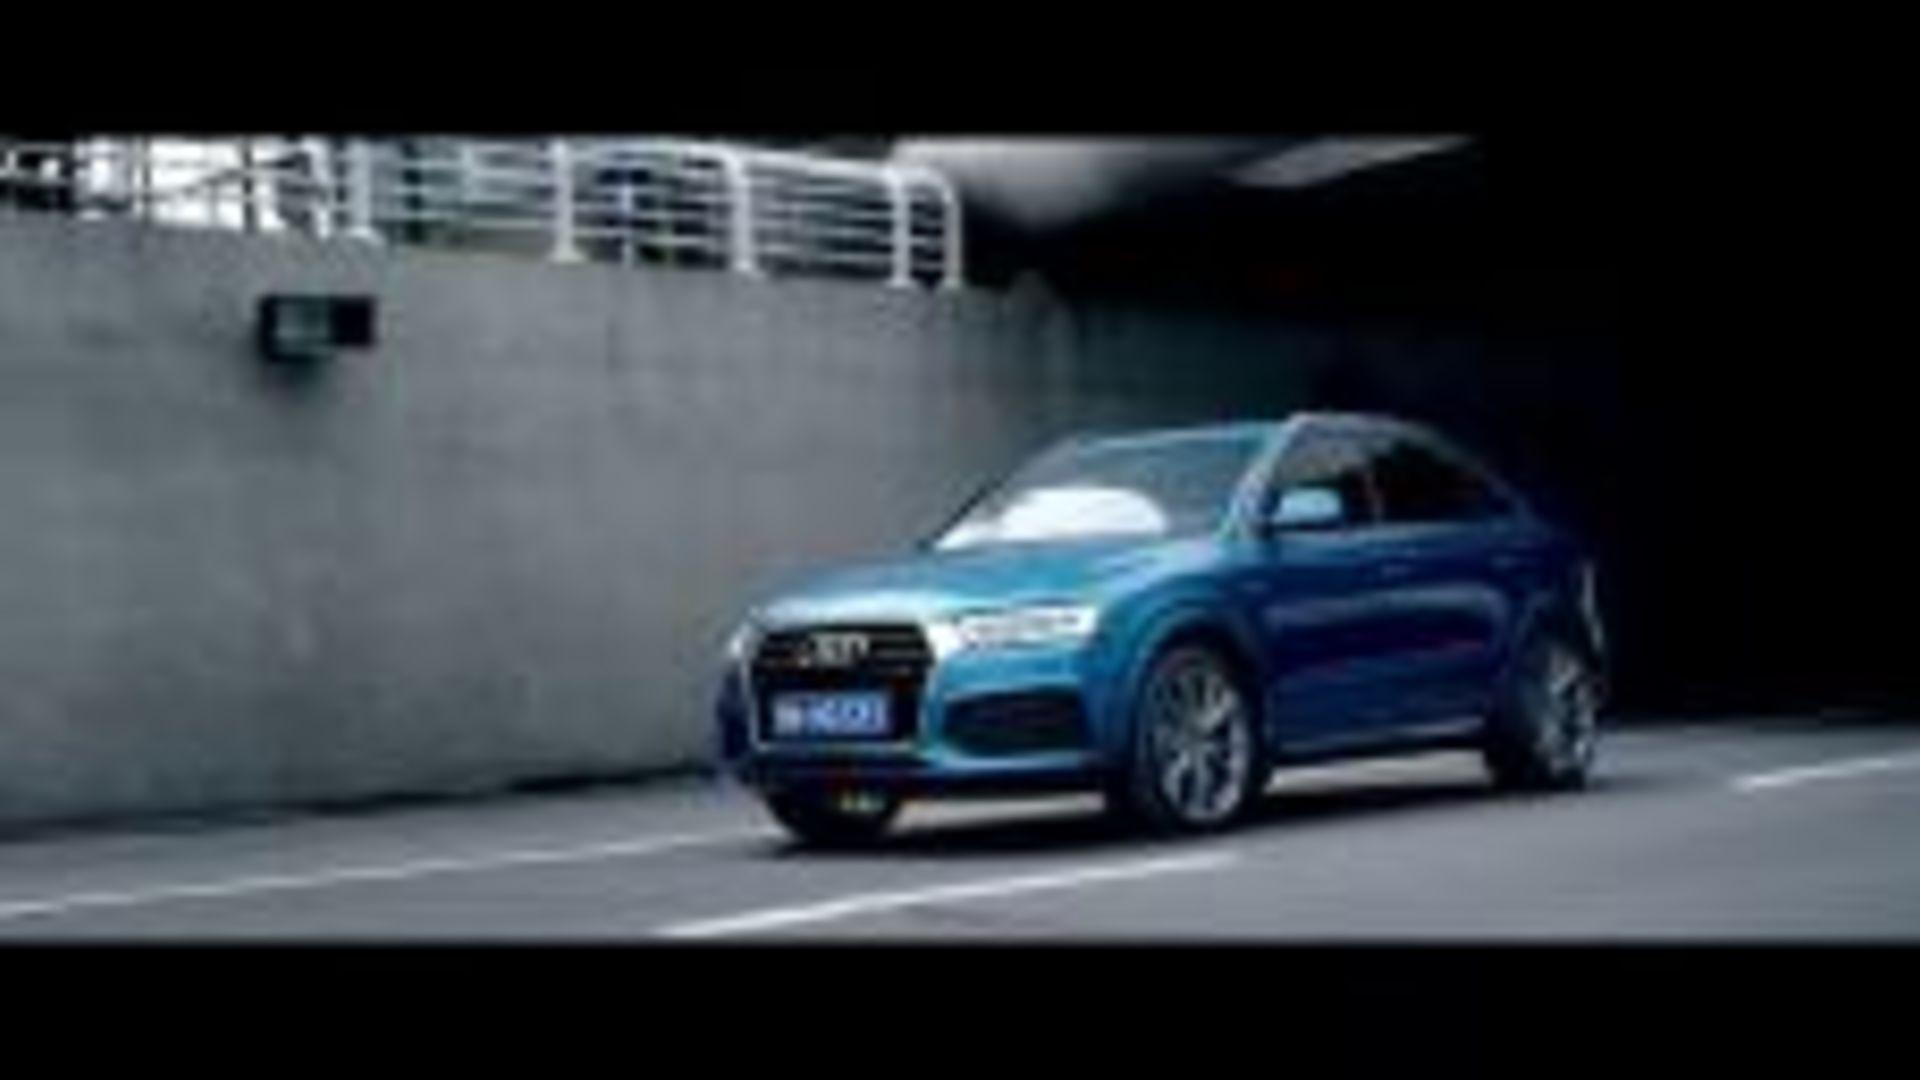 Audi connected mobility concept - Intelligente Mobilität für Megacities